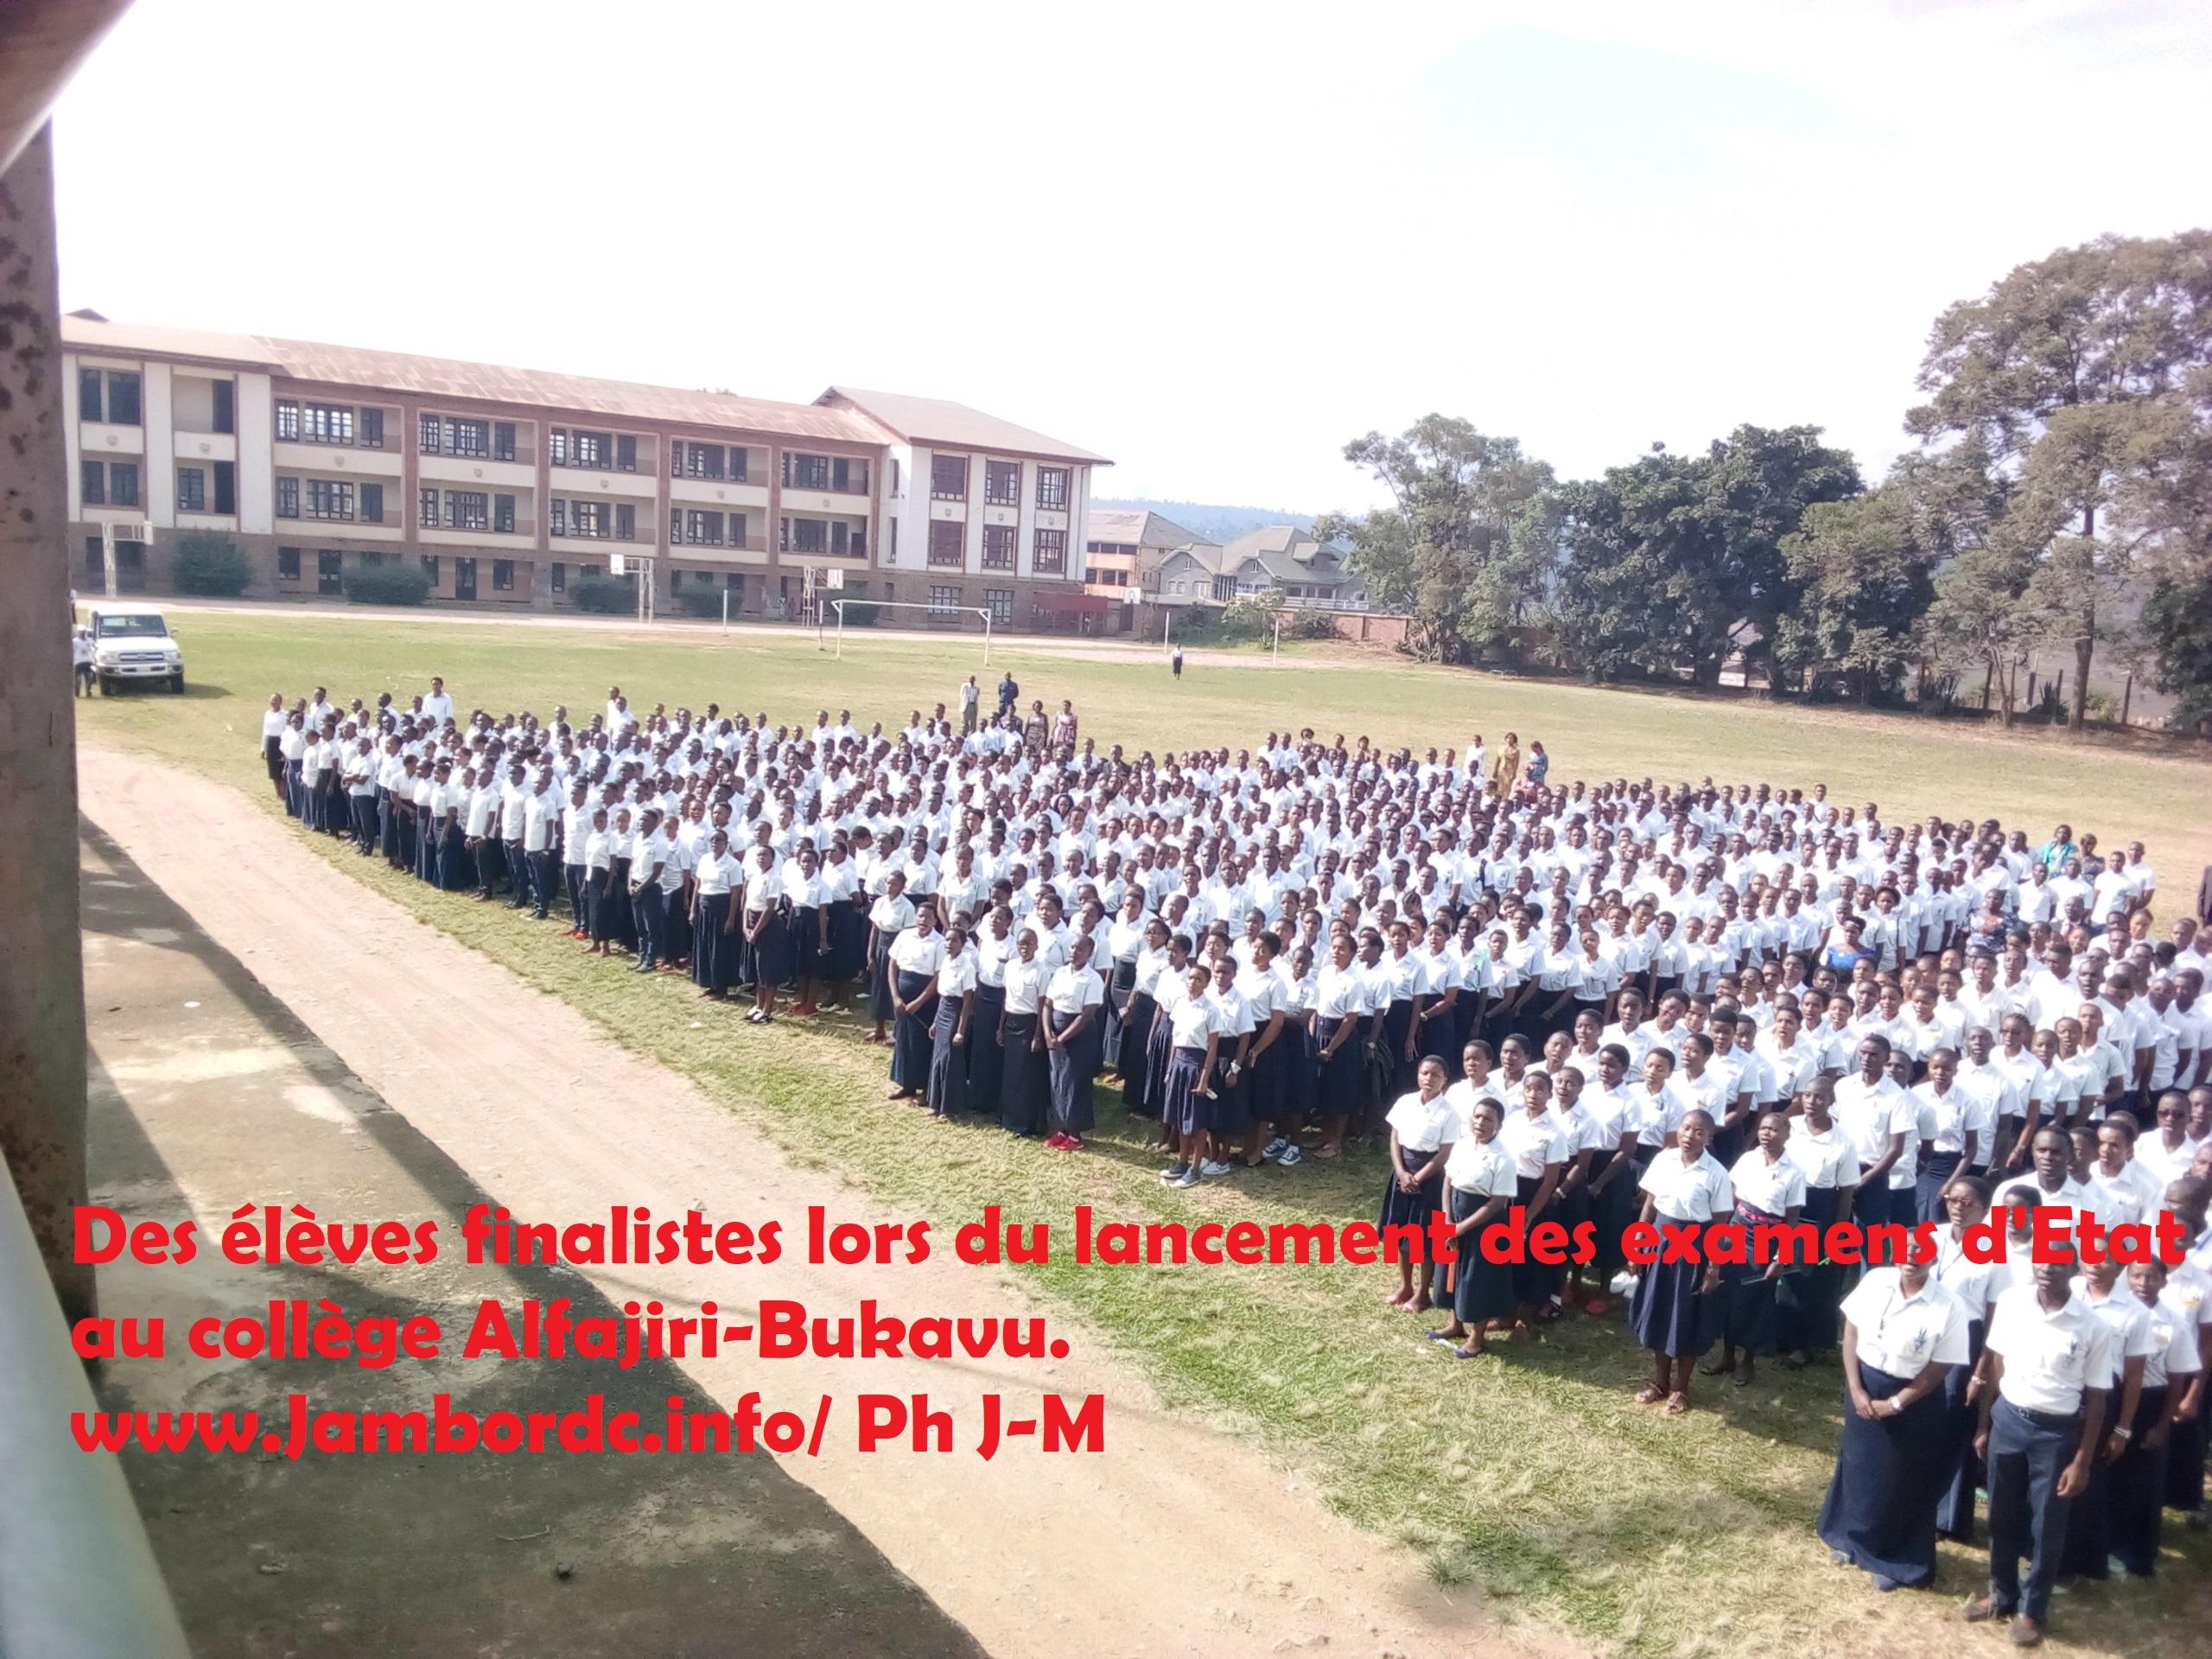 Sud-Kivu/Grève des enseignants : APEC compte sur l'implication des députés pour sauver l'éducation des enfants